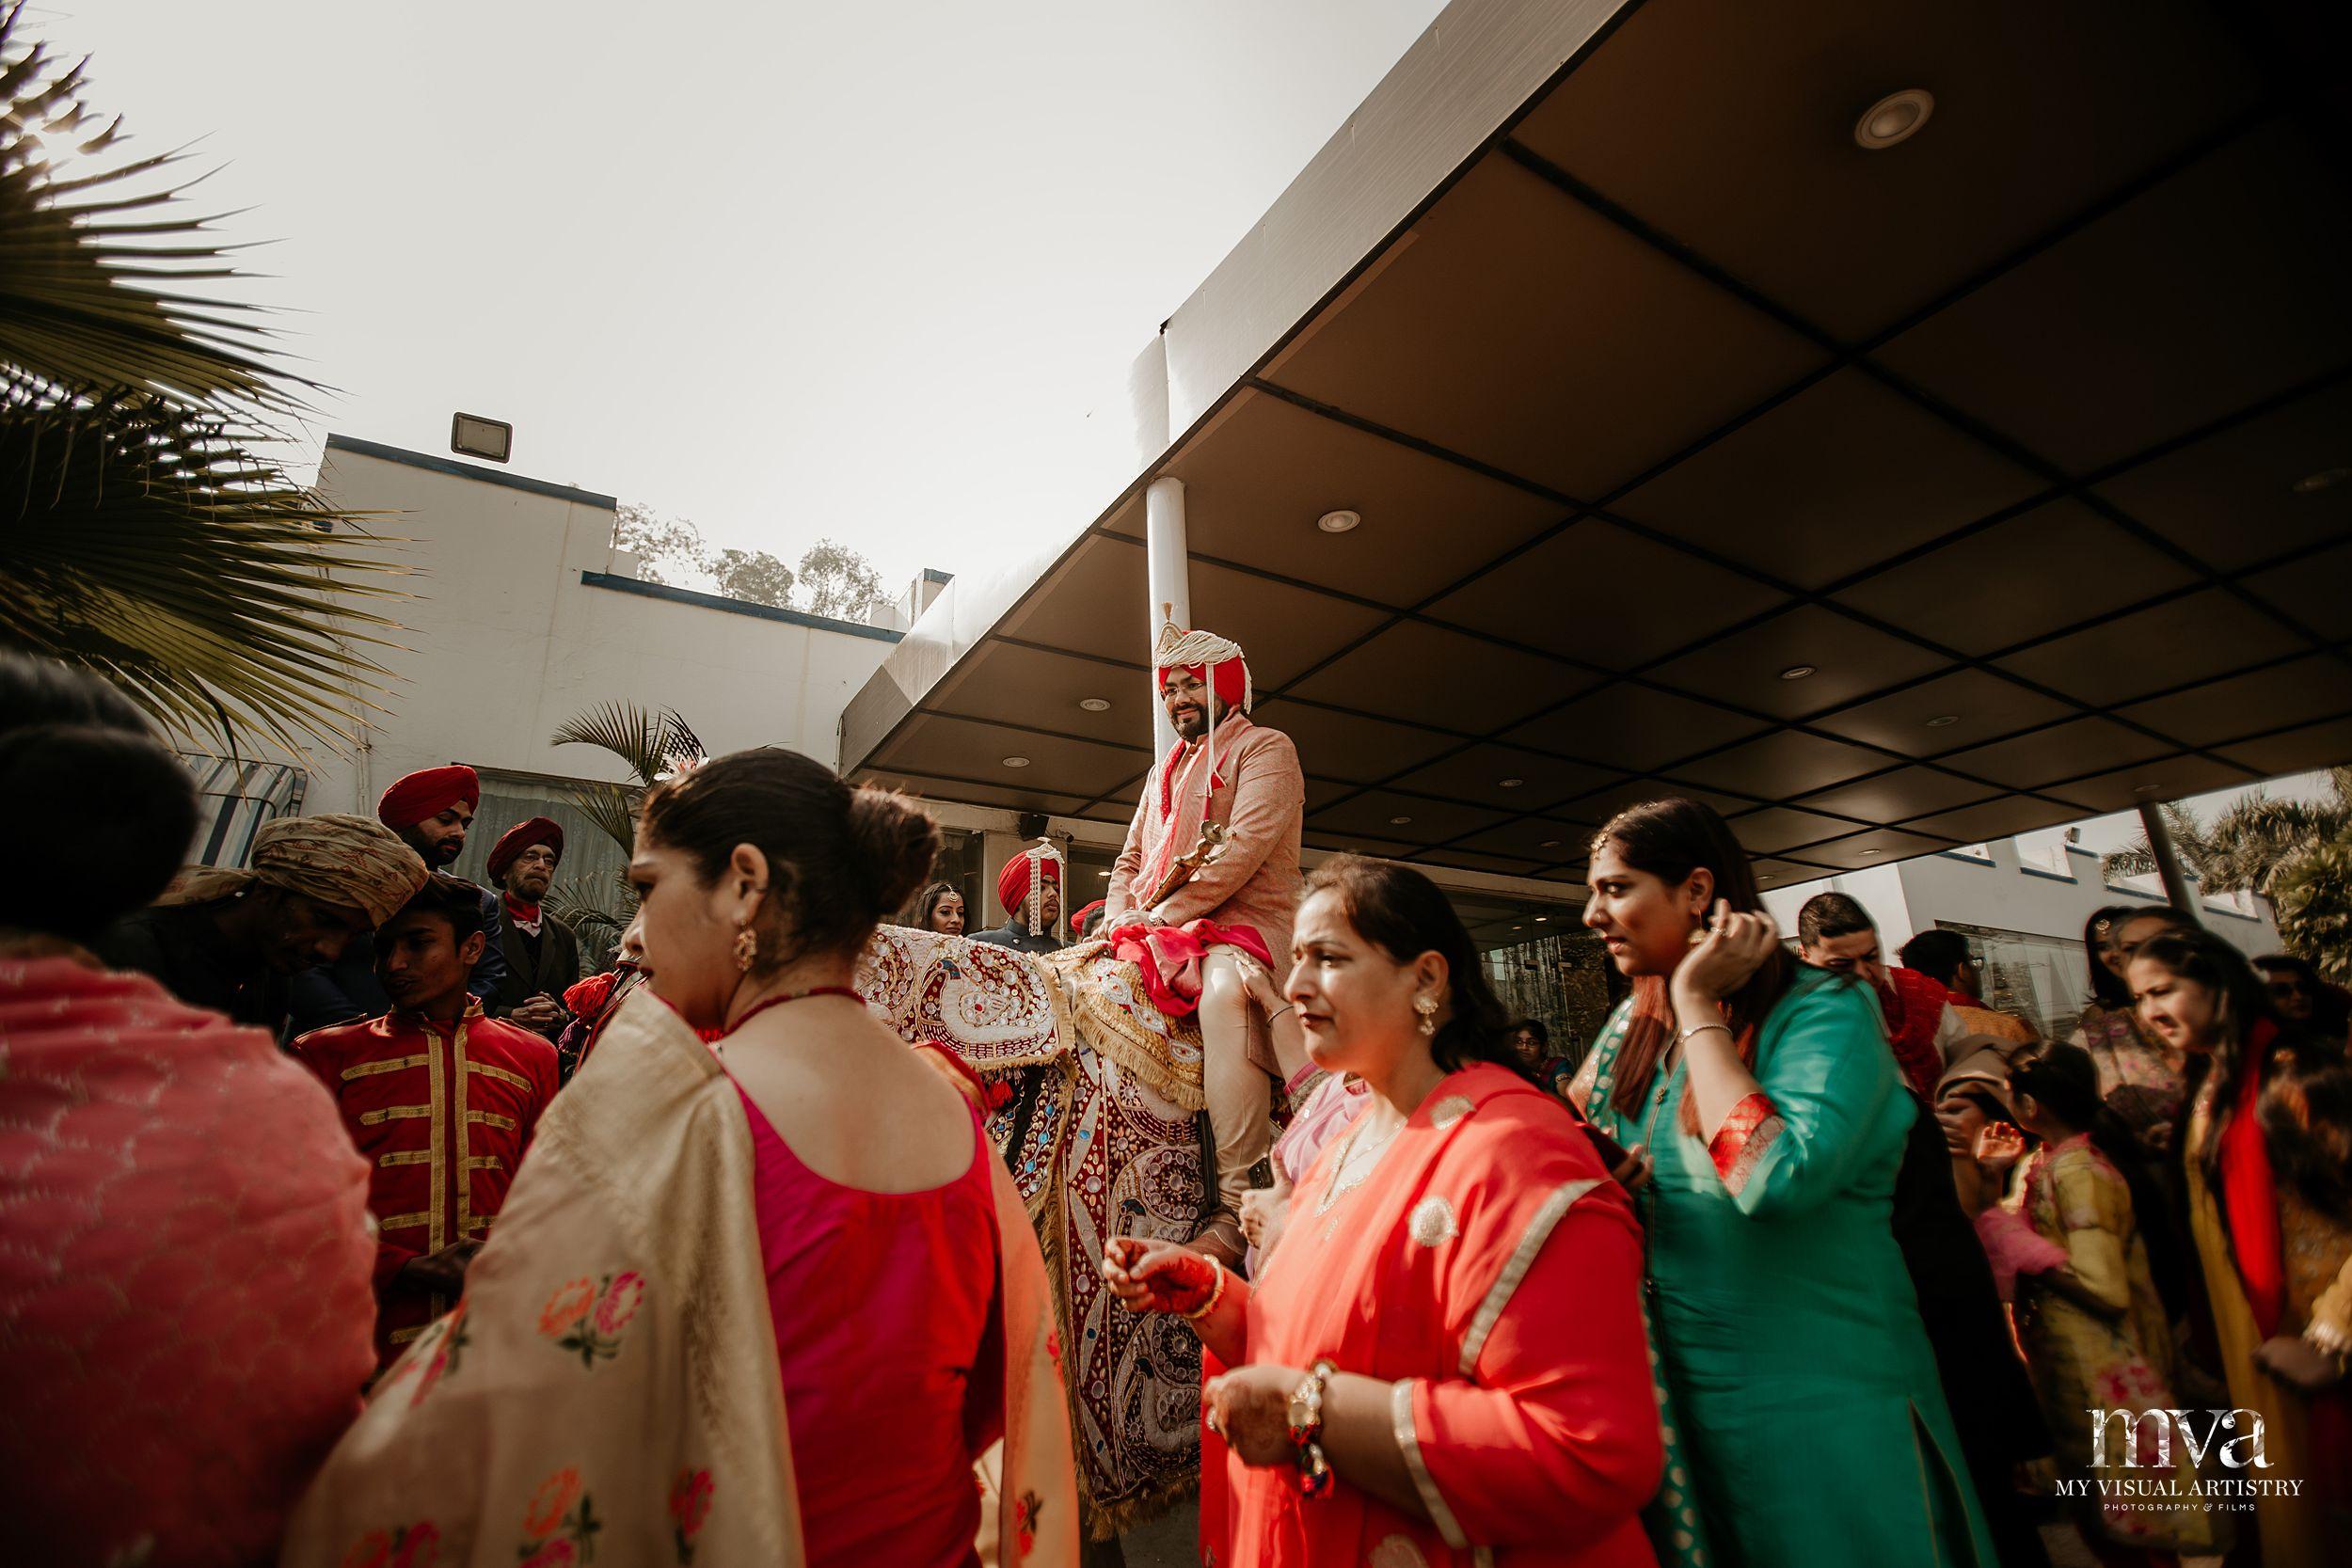 anant_arundhati_myvisualartistry_mva_wedding_sikh_ - 248.jpg